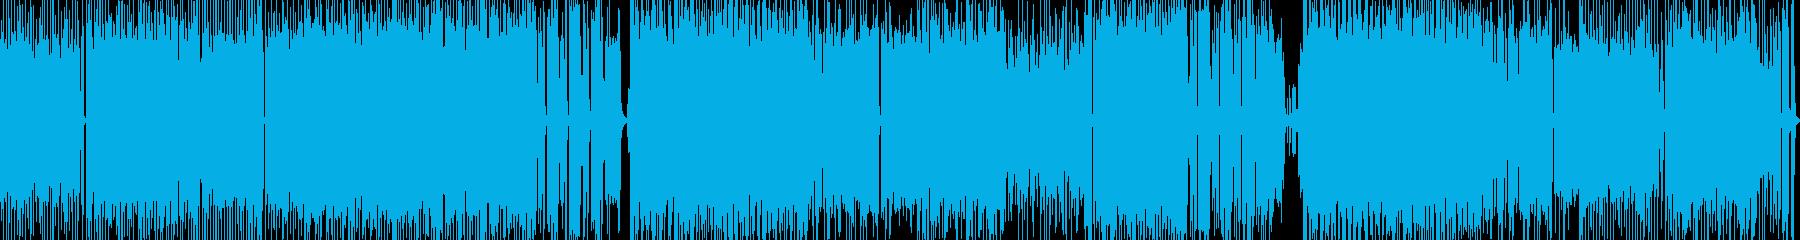 高音質♪ロックアップループ曲突っ走るの再生済みの波形